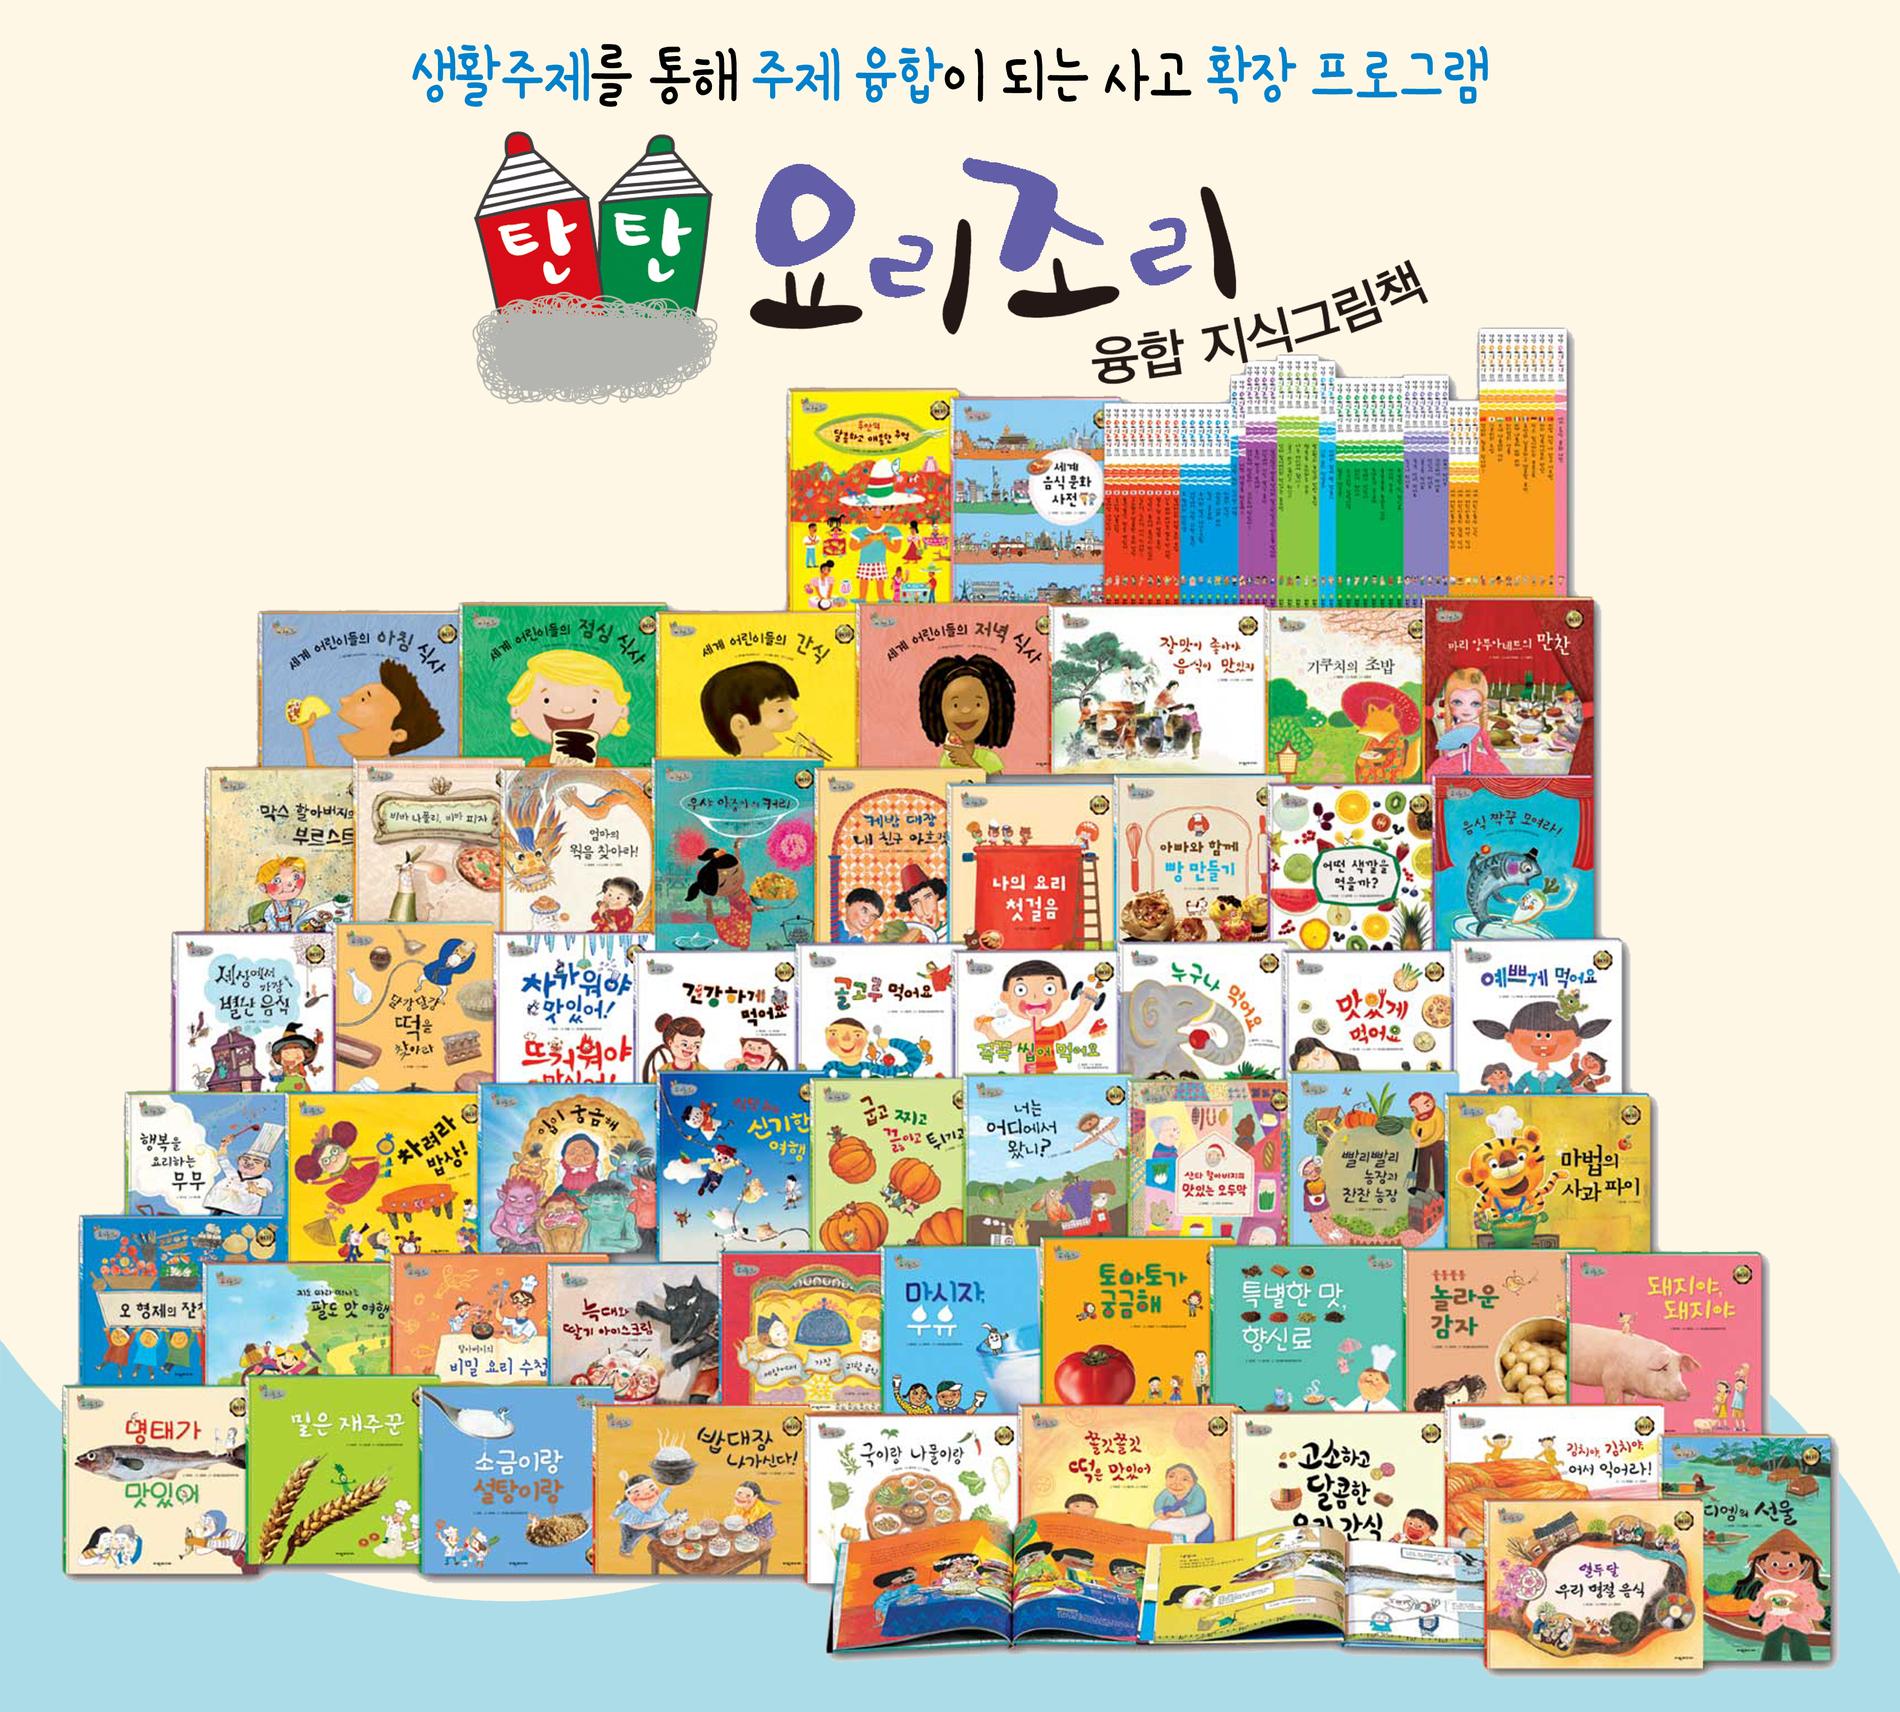 탄탄 요리조리 지식그림책